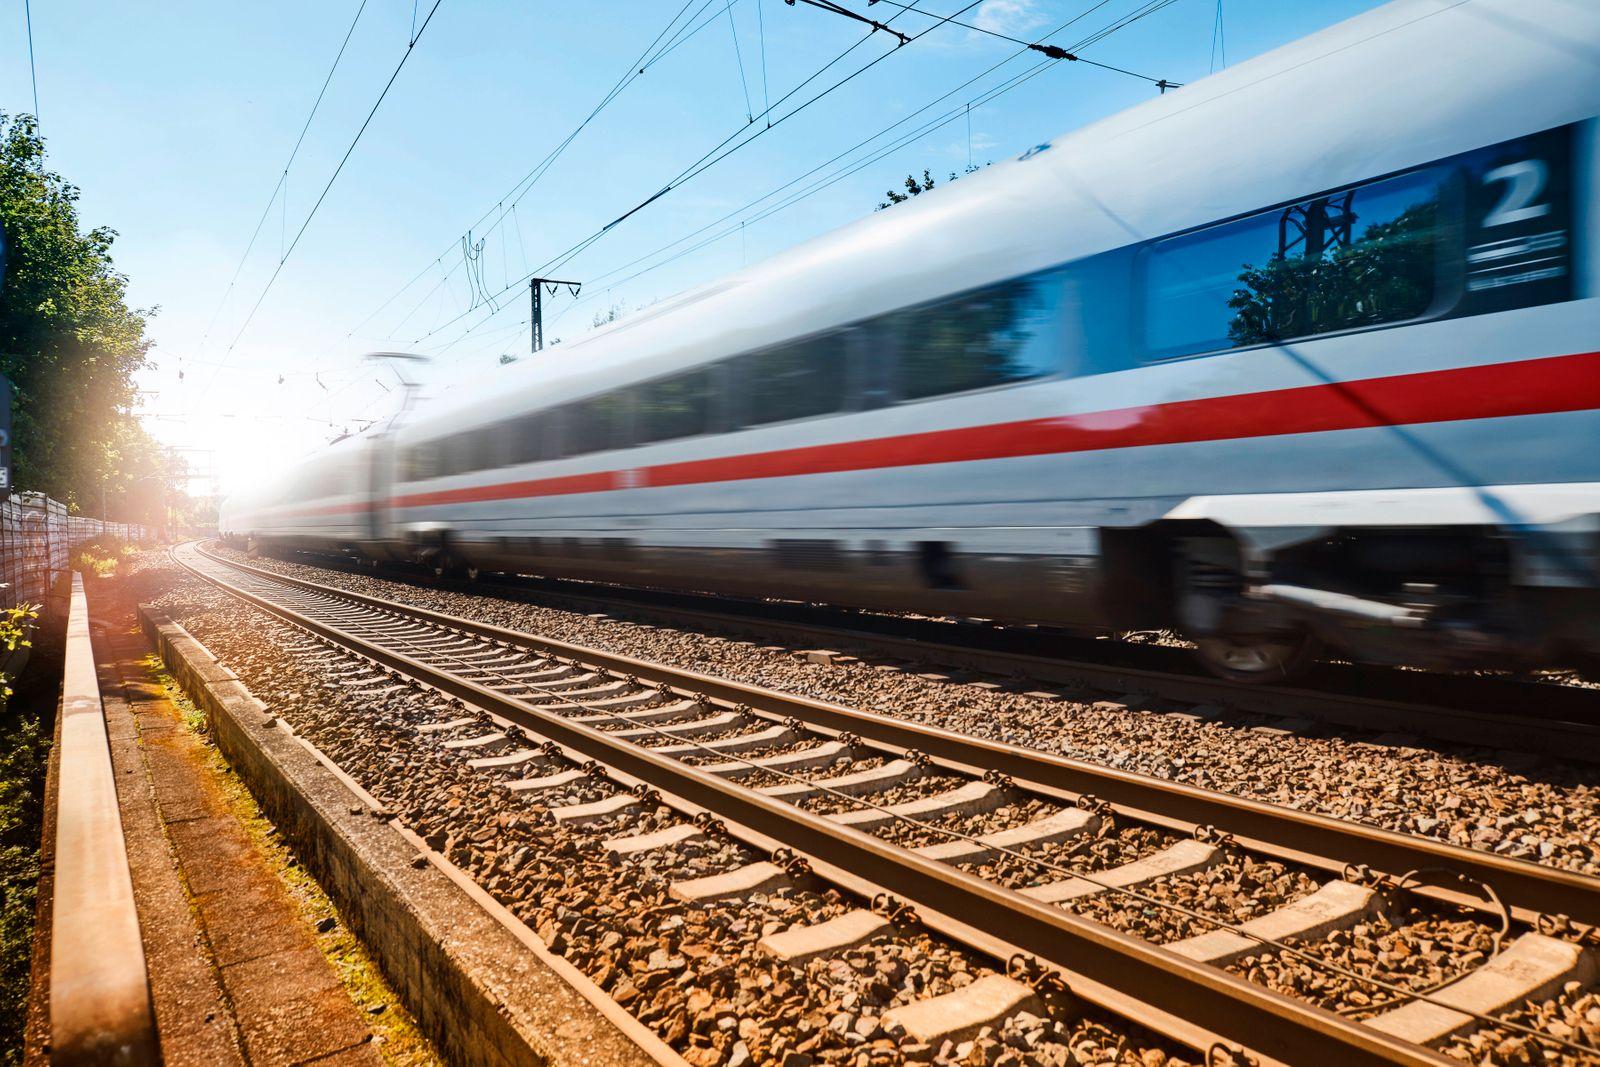 Fahrender ICE der Deutschen Bahn auf der Strecke von Hamburg nach Hannover, Aufnahme im Gegenlicht Wagenreihe *** ICE o